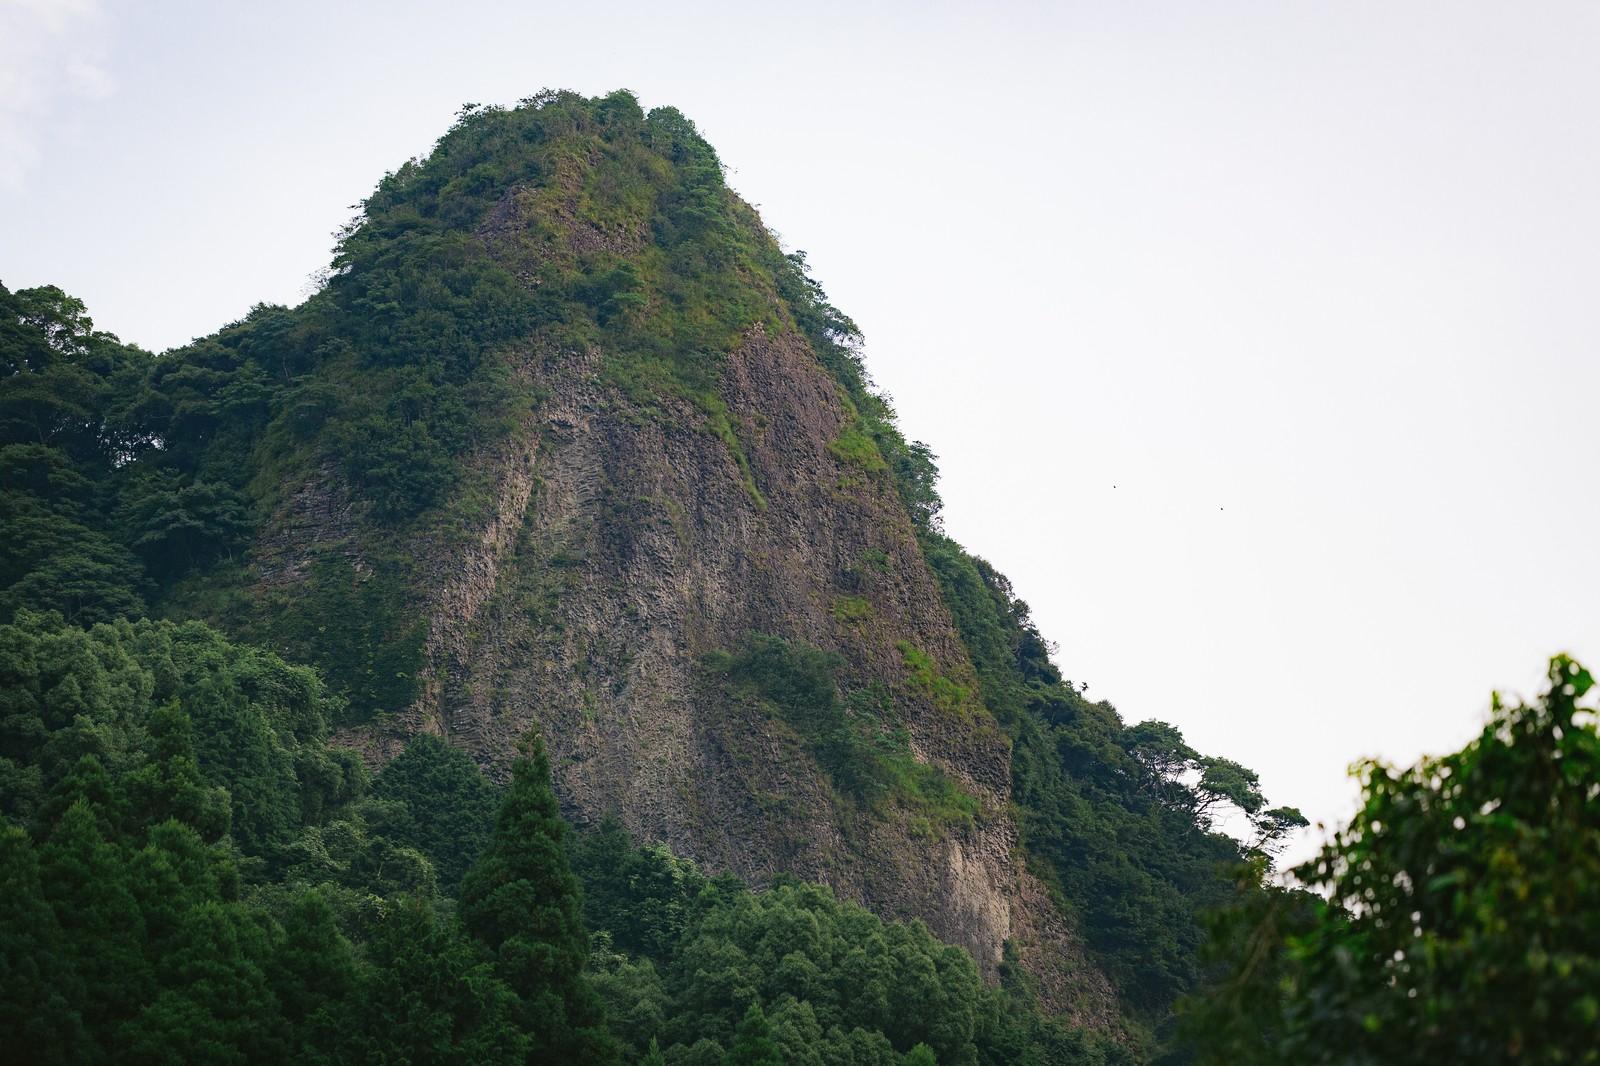 「山水画のような切り立つ山(伊万里市大川内山)」の写真